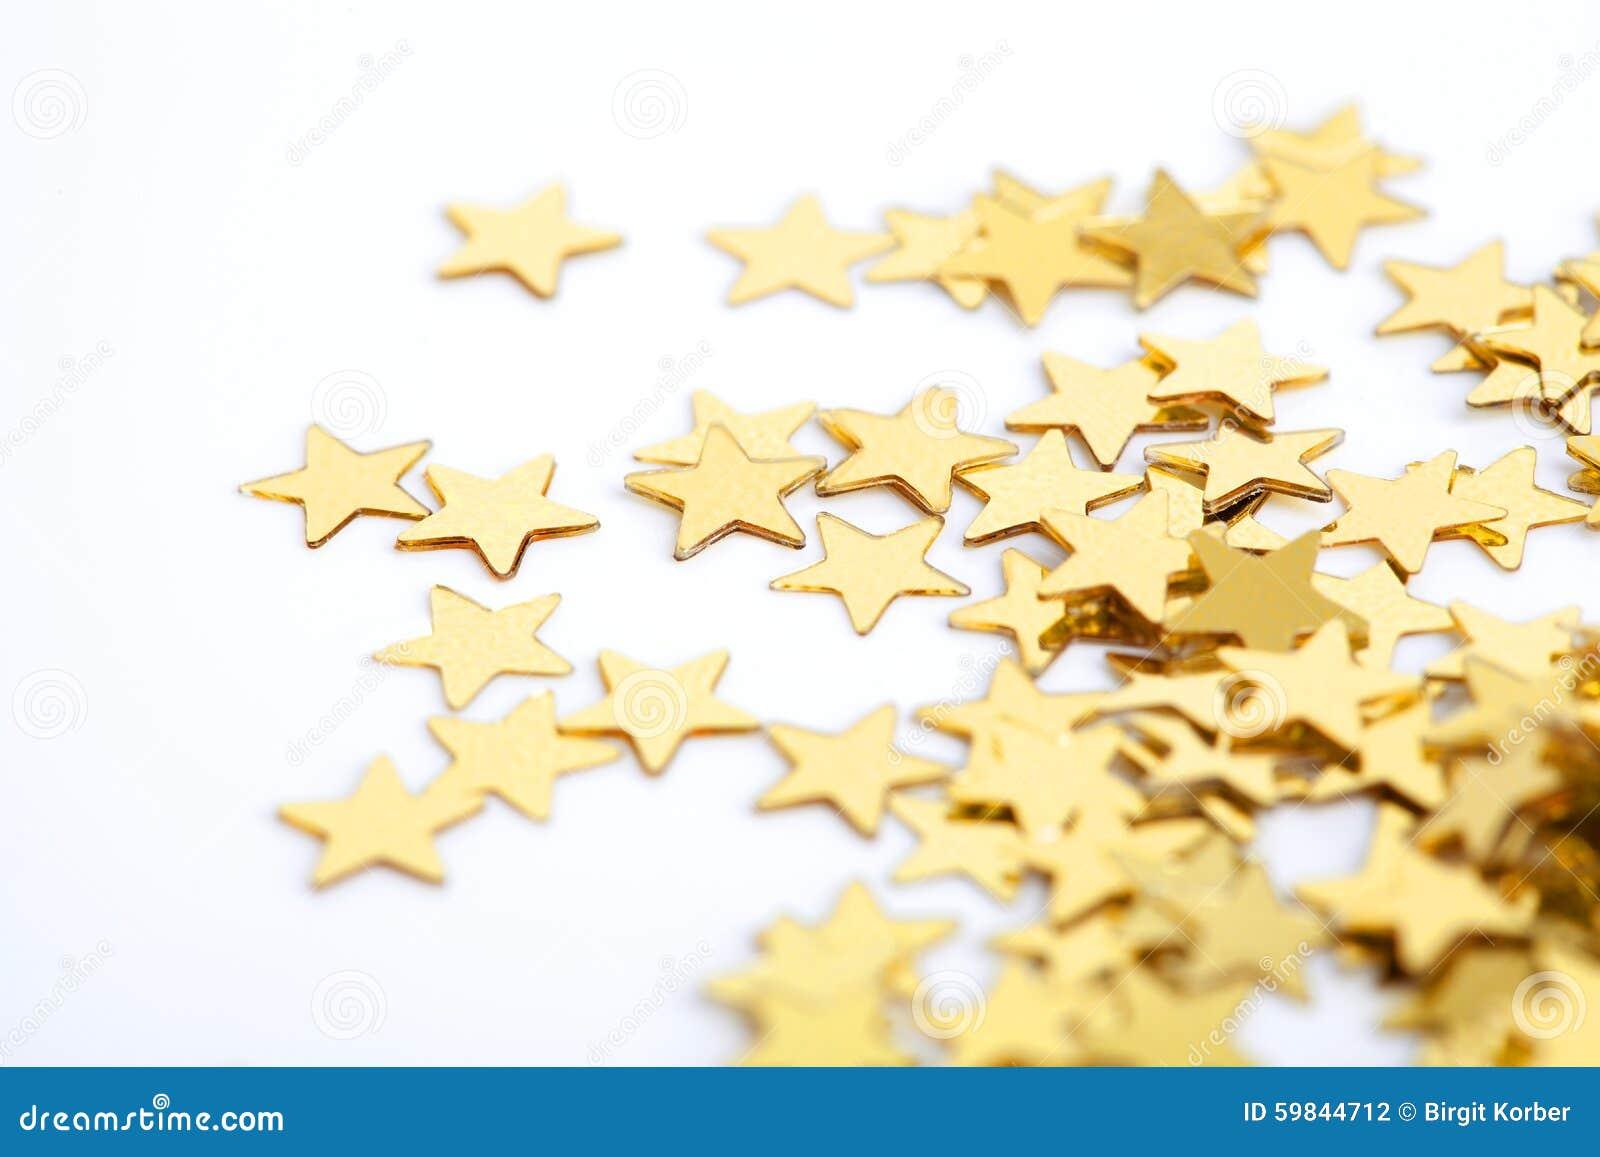 goldene sterne als hintergrund f r weihnachten stockfoto bild 59844712. Black Bedroom Furniture Sets. Home Design Ideas